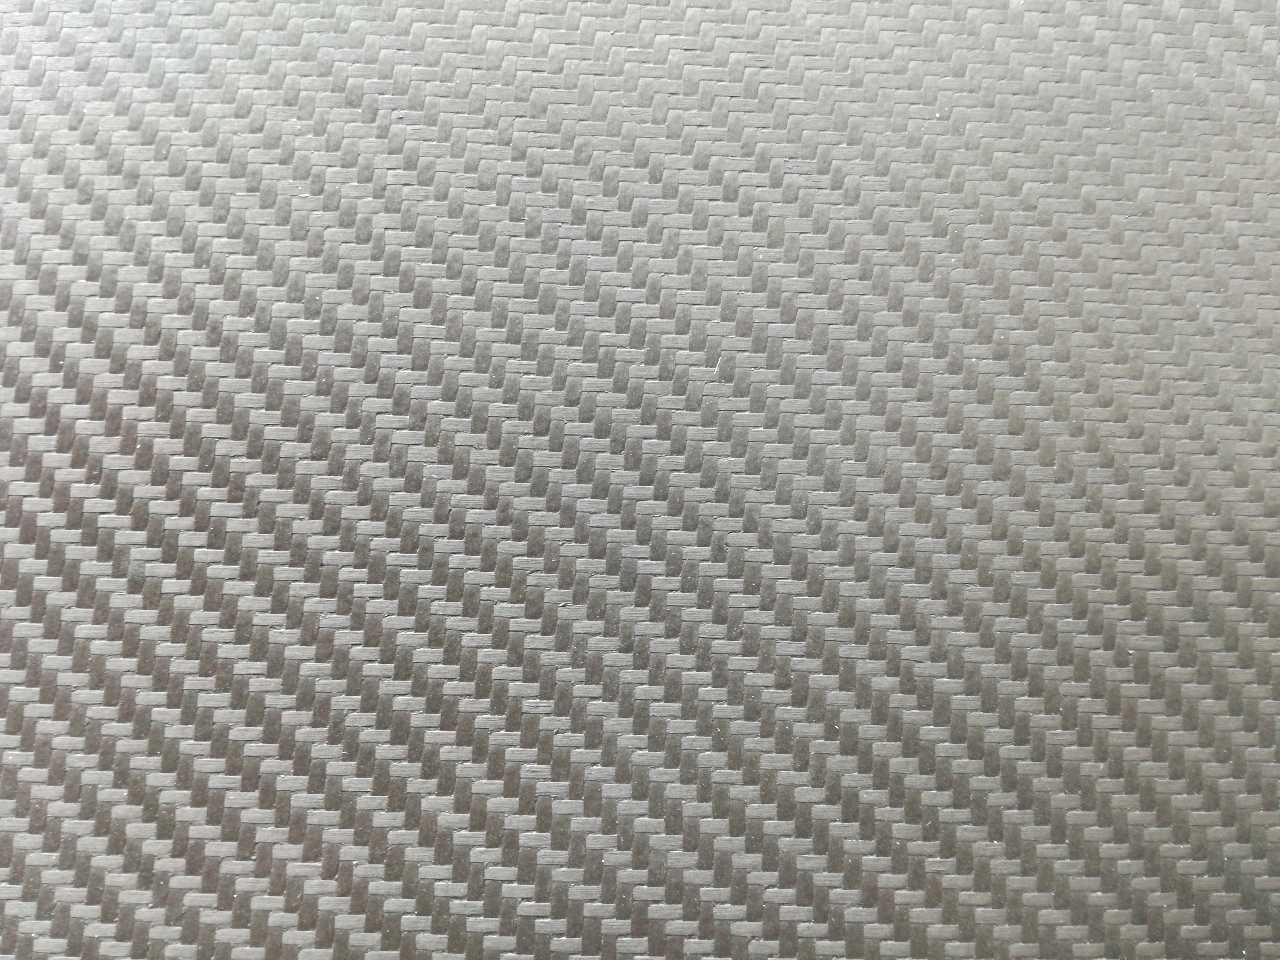 来自杨洪标发布的供应信息:近来的产品... - 致好皮革鞋材(惠州)有限公司